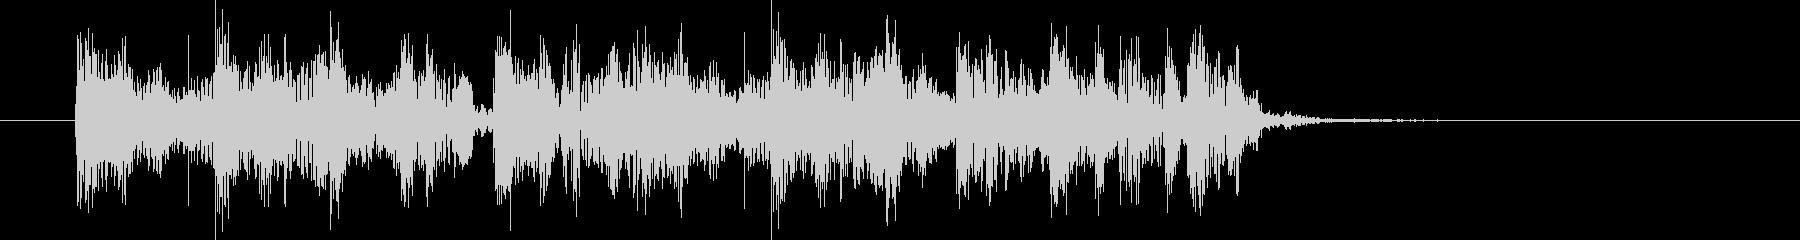 ヒップホップのサウンド風なジングルの未再生の波形